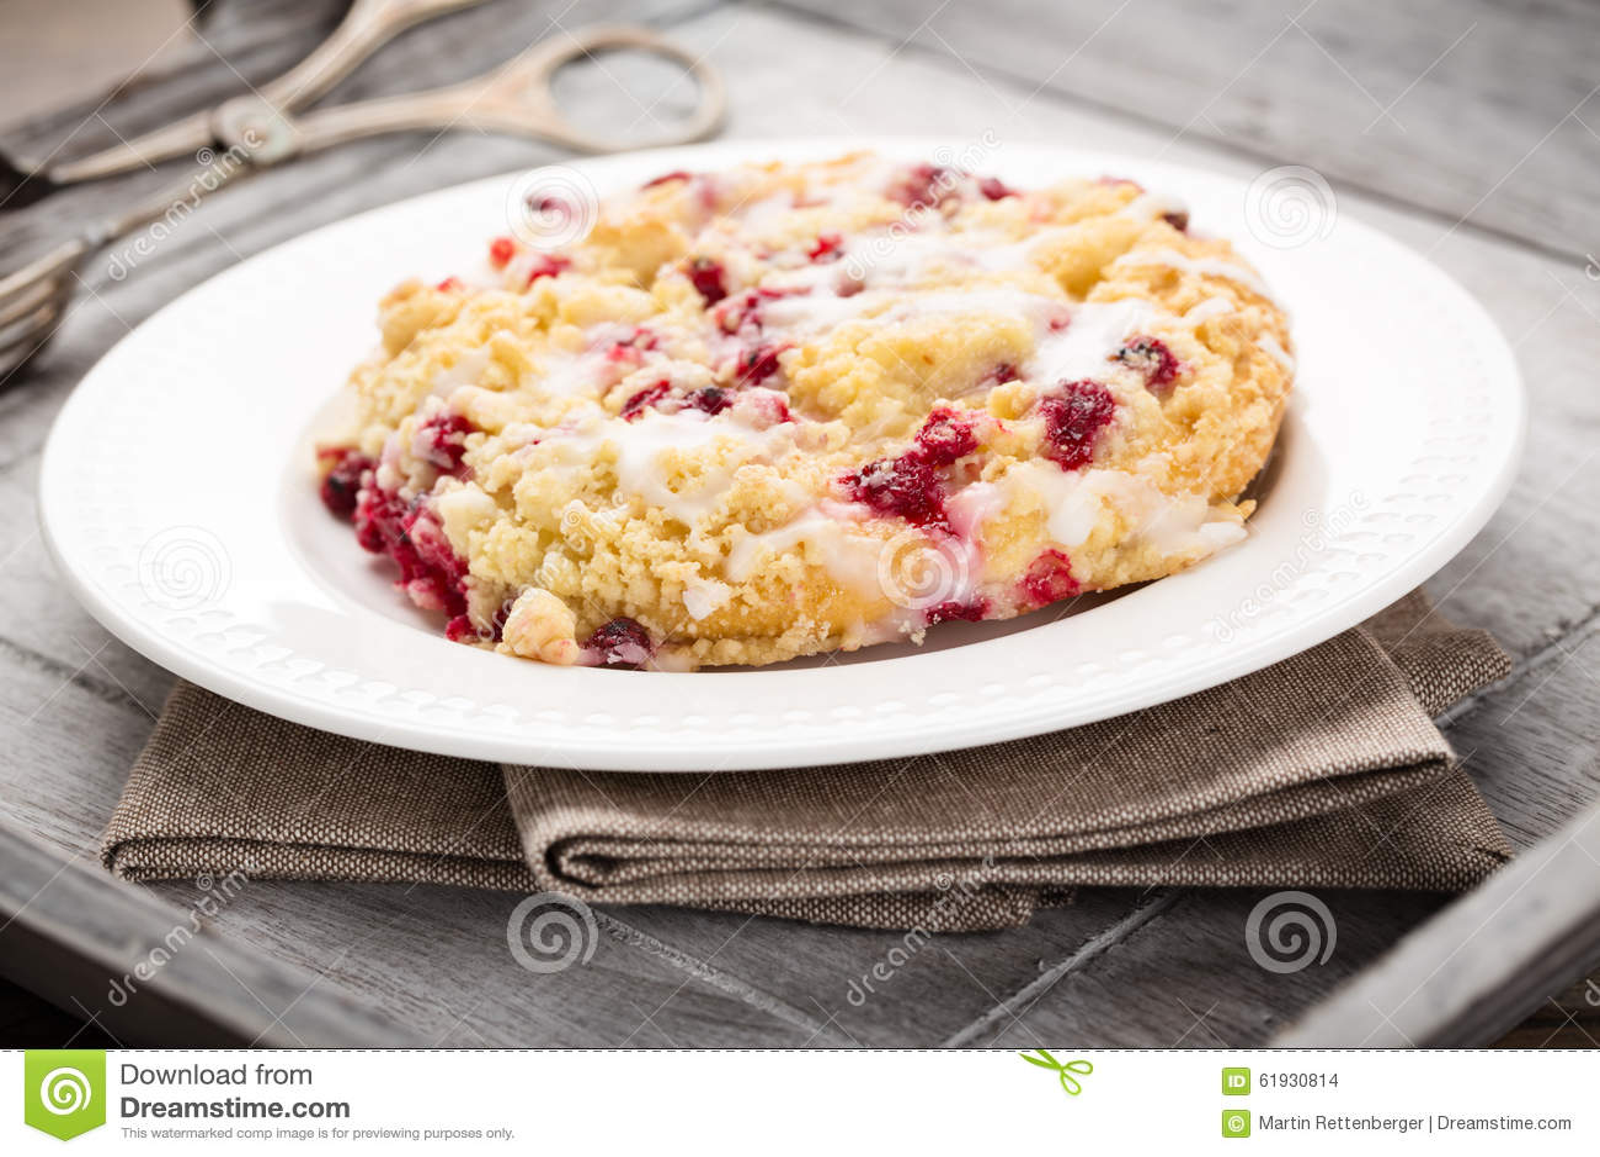 碎屑蛋糕用红浆果